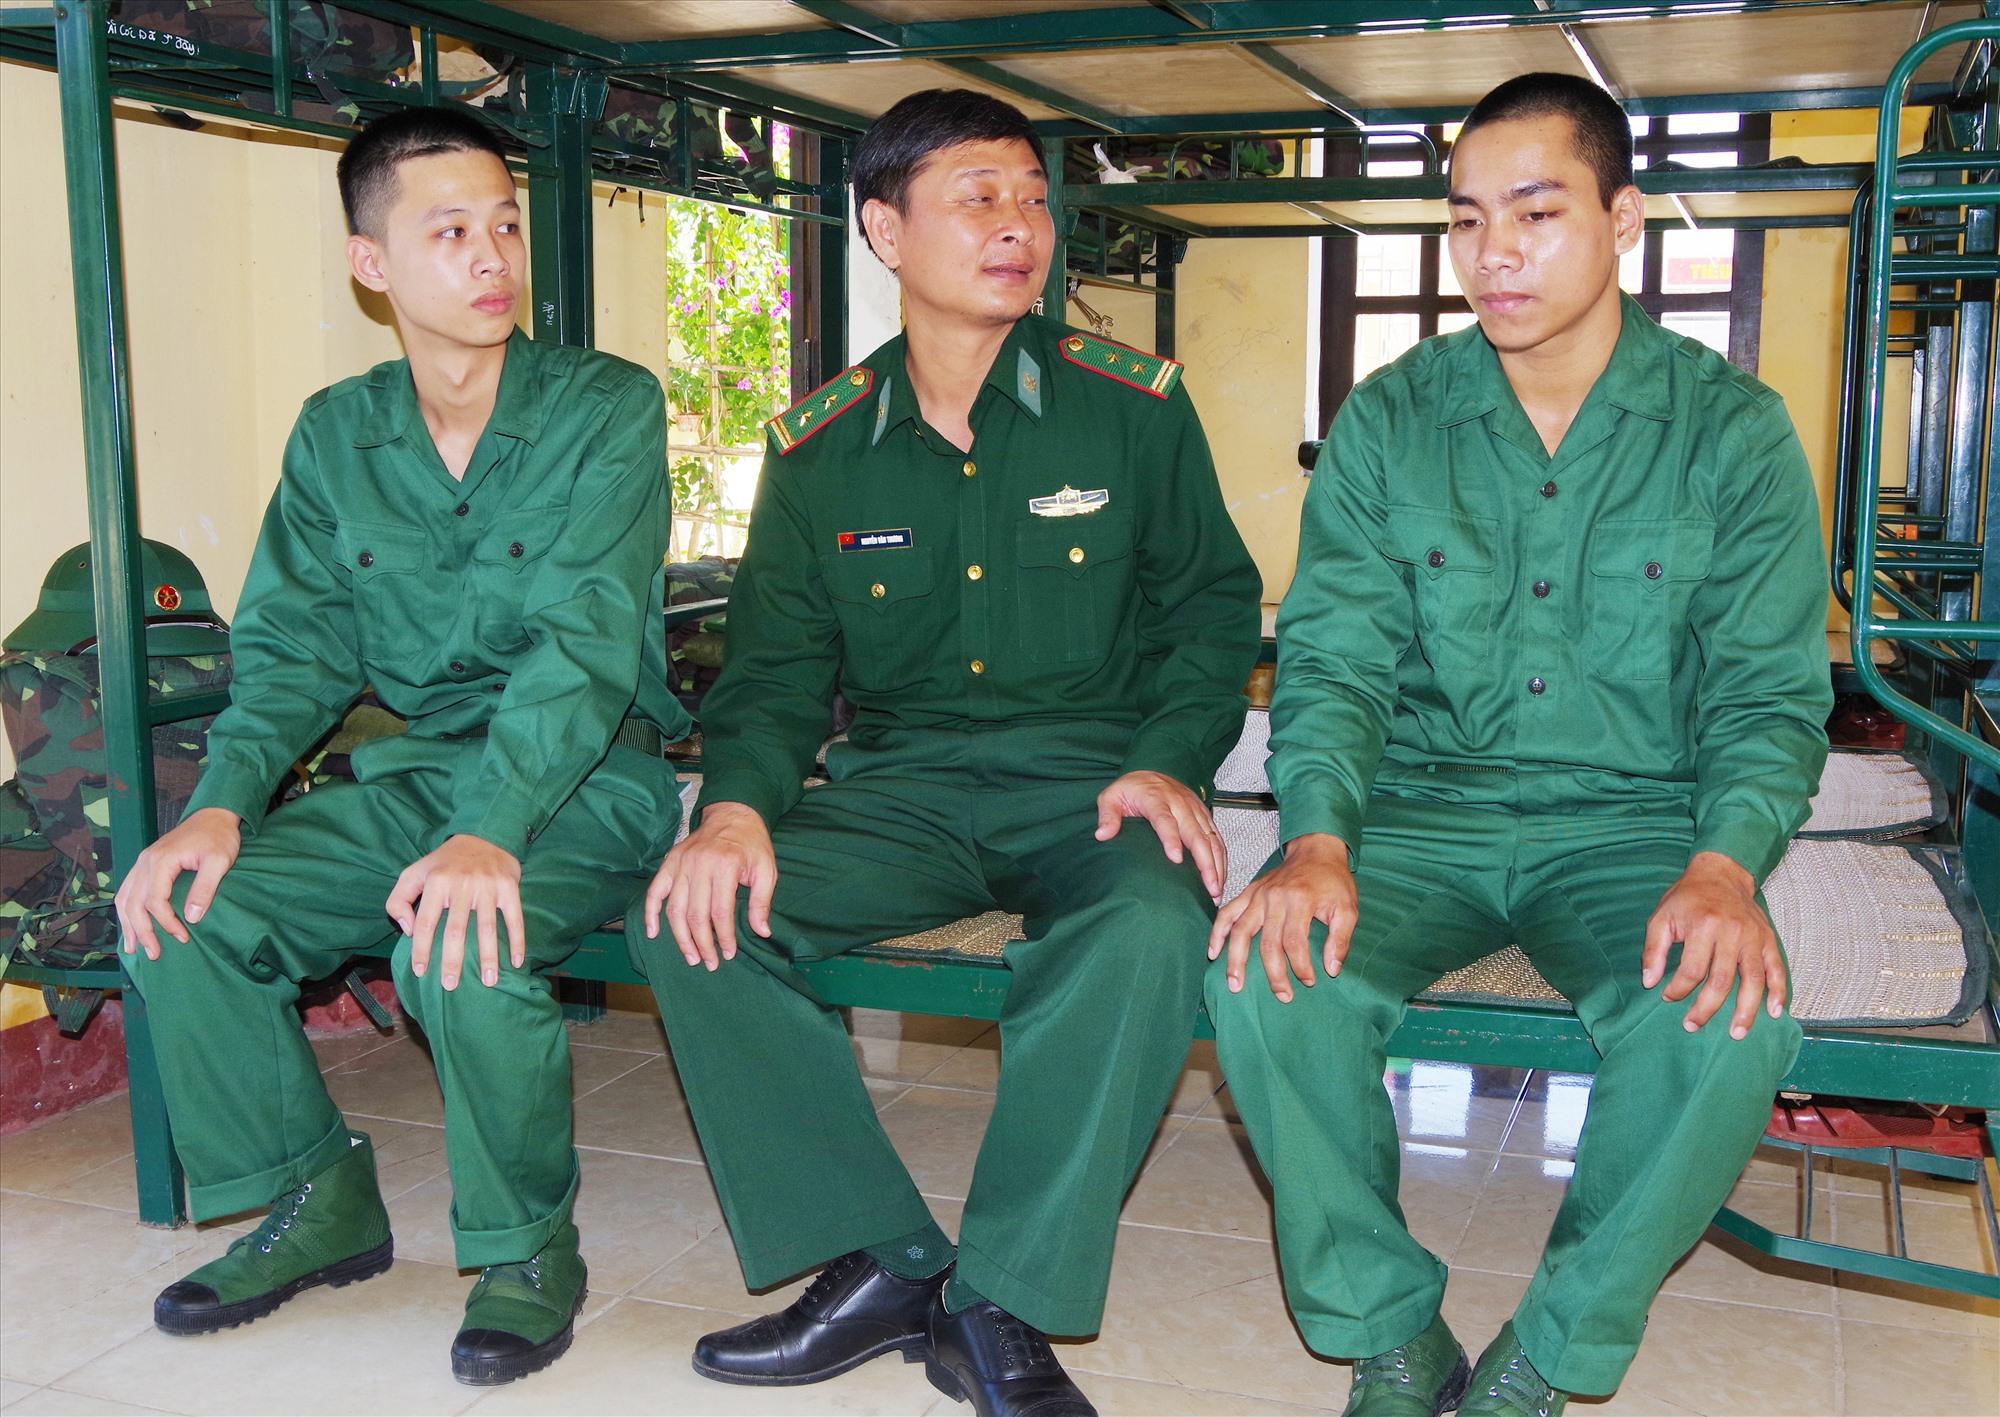 Trung tá Nguyễn Văn Thương – Tiểu đoàn trưởng Tiểu đoàn Huấn luyện – Cơ động động viên các tân binh nhập ngũ vào đơn vị.